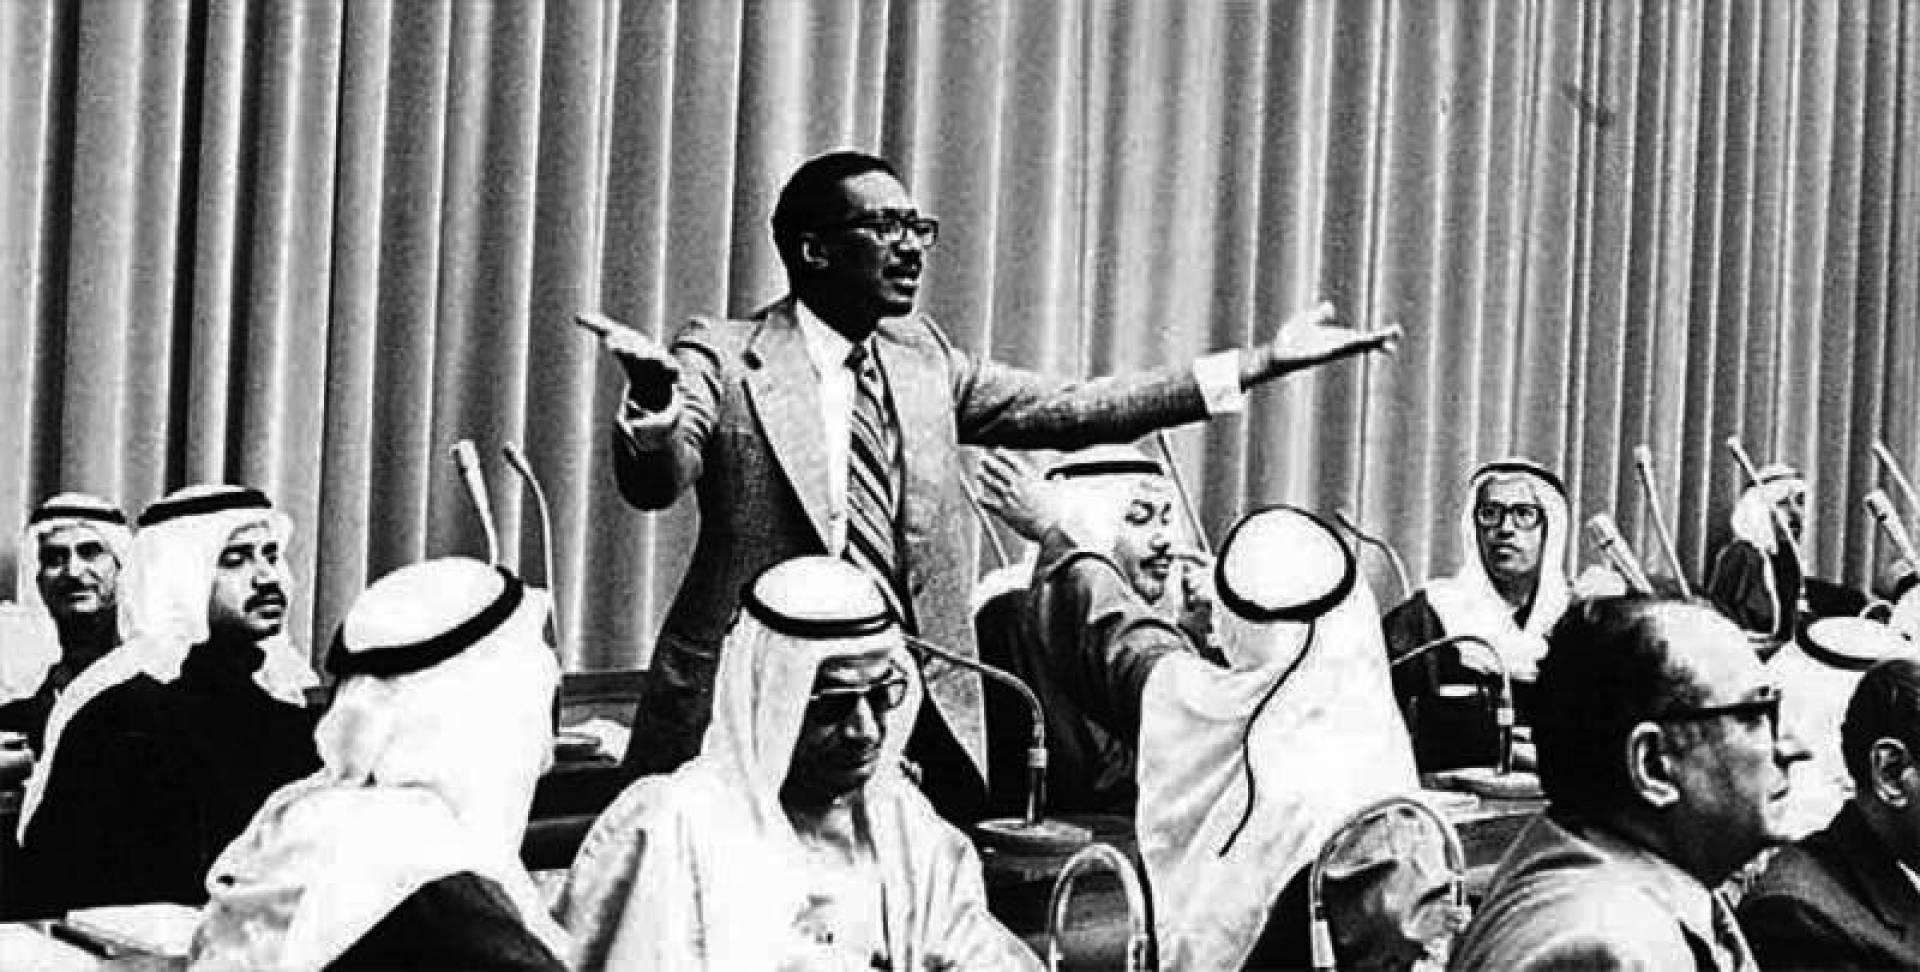 أحمد الخطيب في مجلس الأمة في الستينات.. أرشيفية